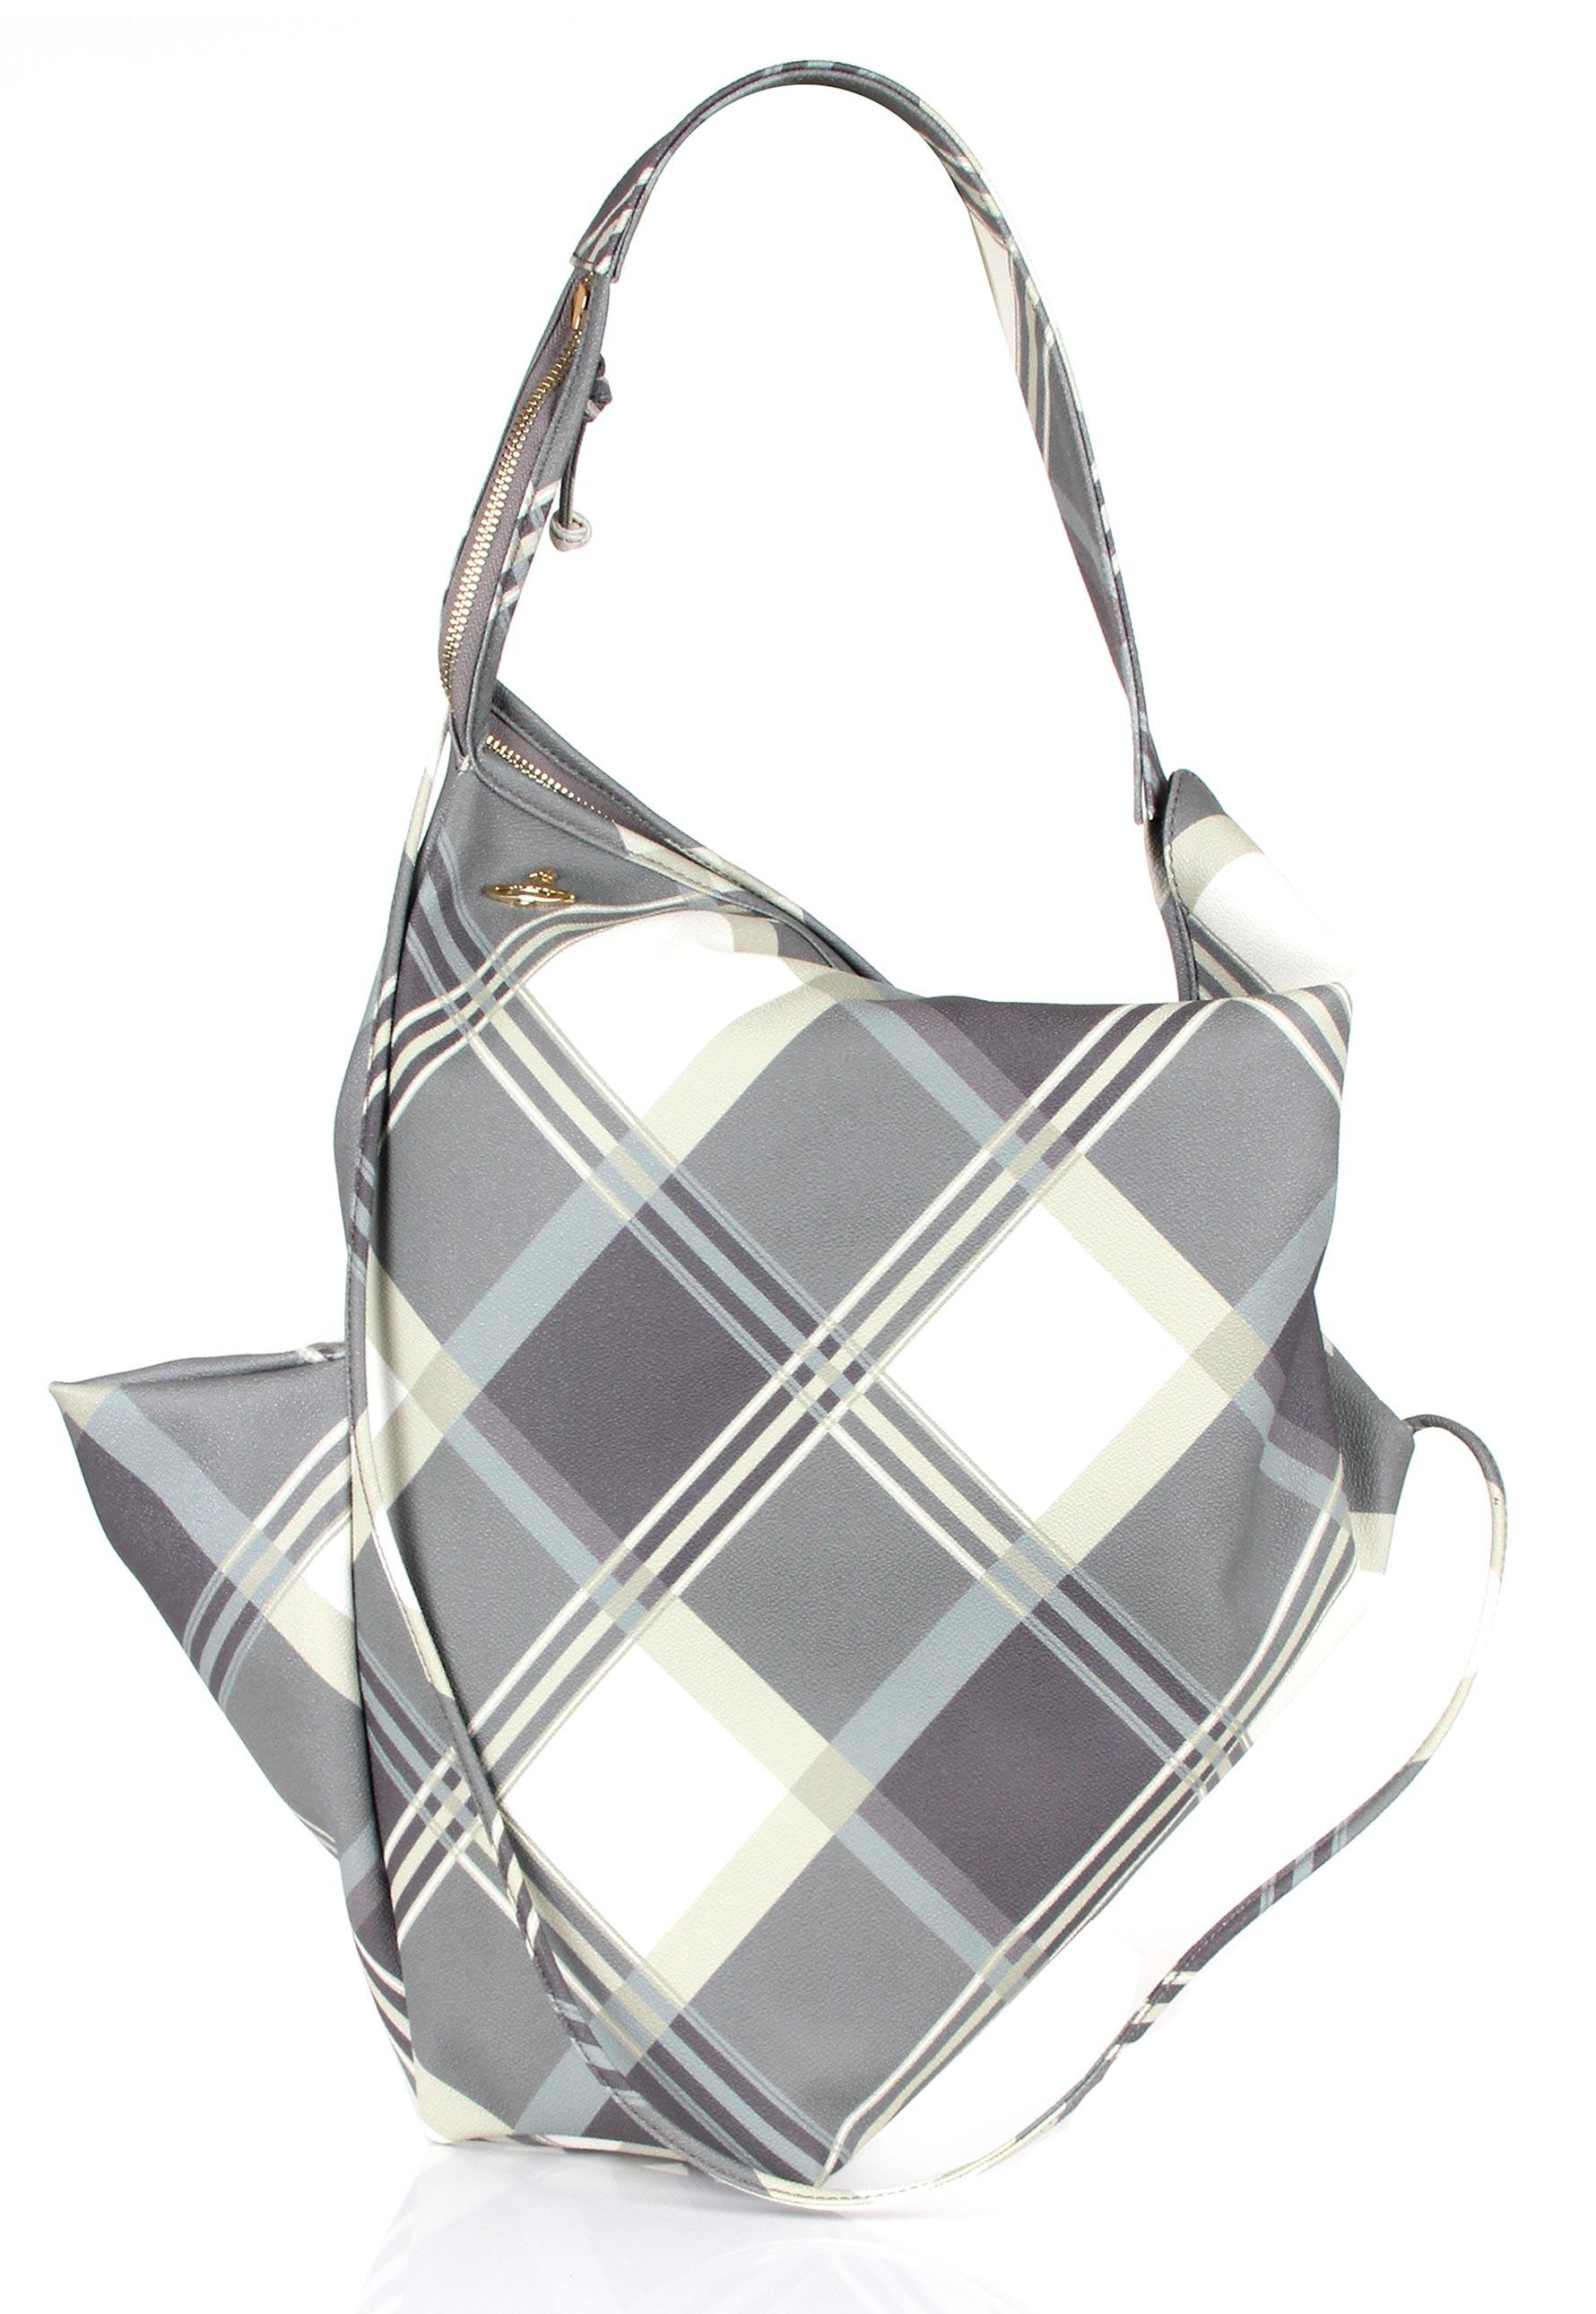 74549ee325 Lyst - Vivienne Westwood Derby 7112 Vivienne's Bag Mac Joe